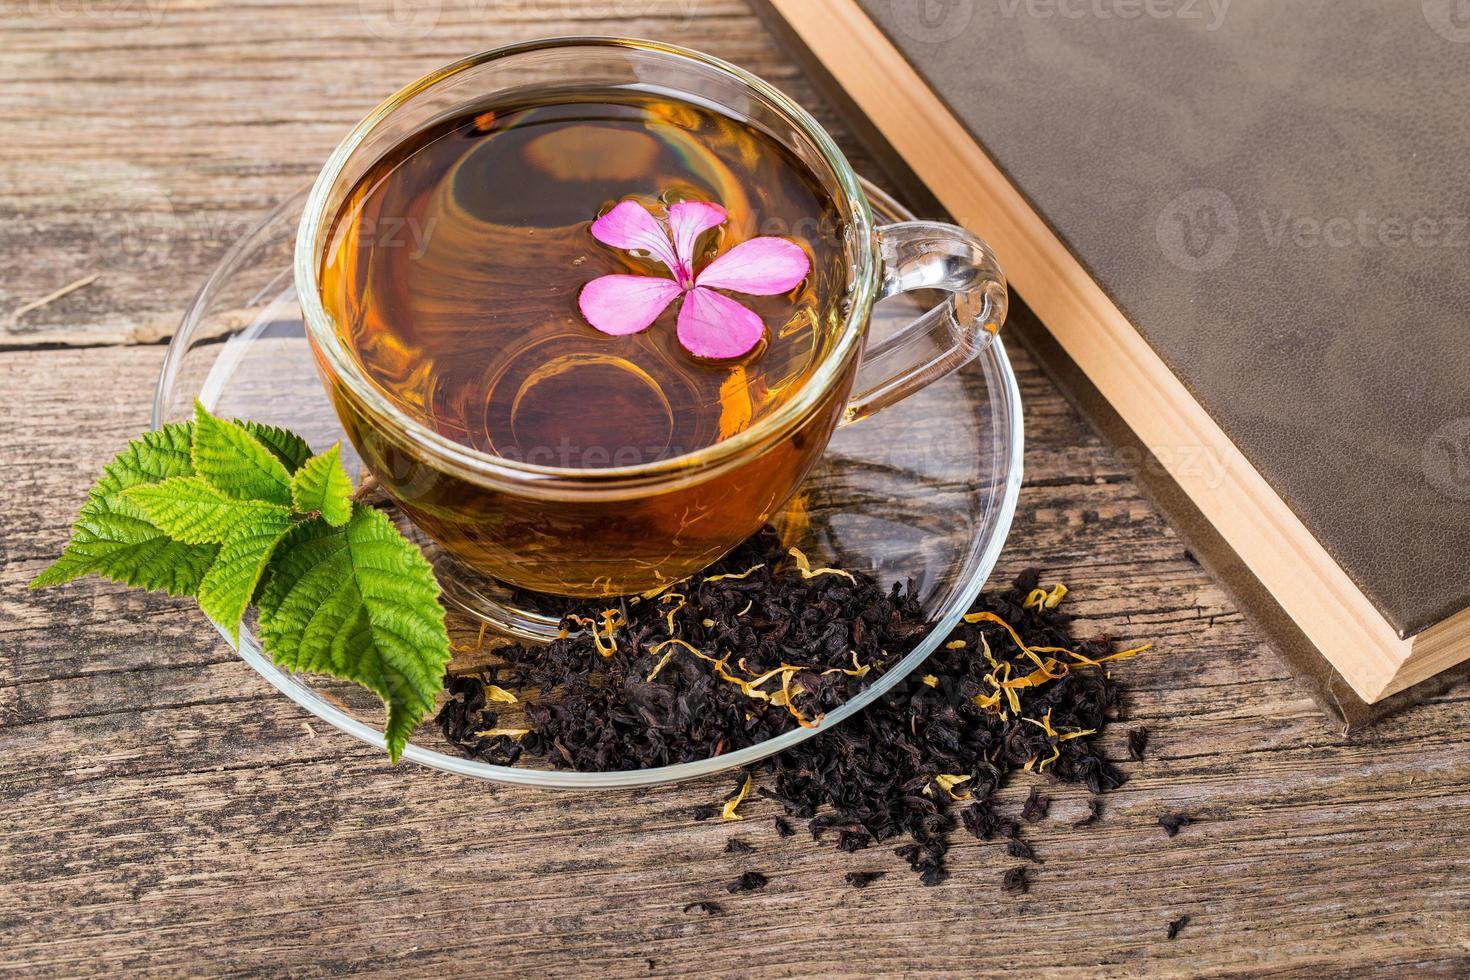 Té con flor rosa y hoja de menta, sobre madera foto